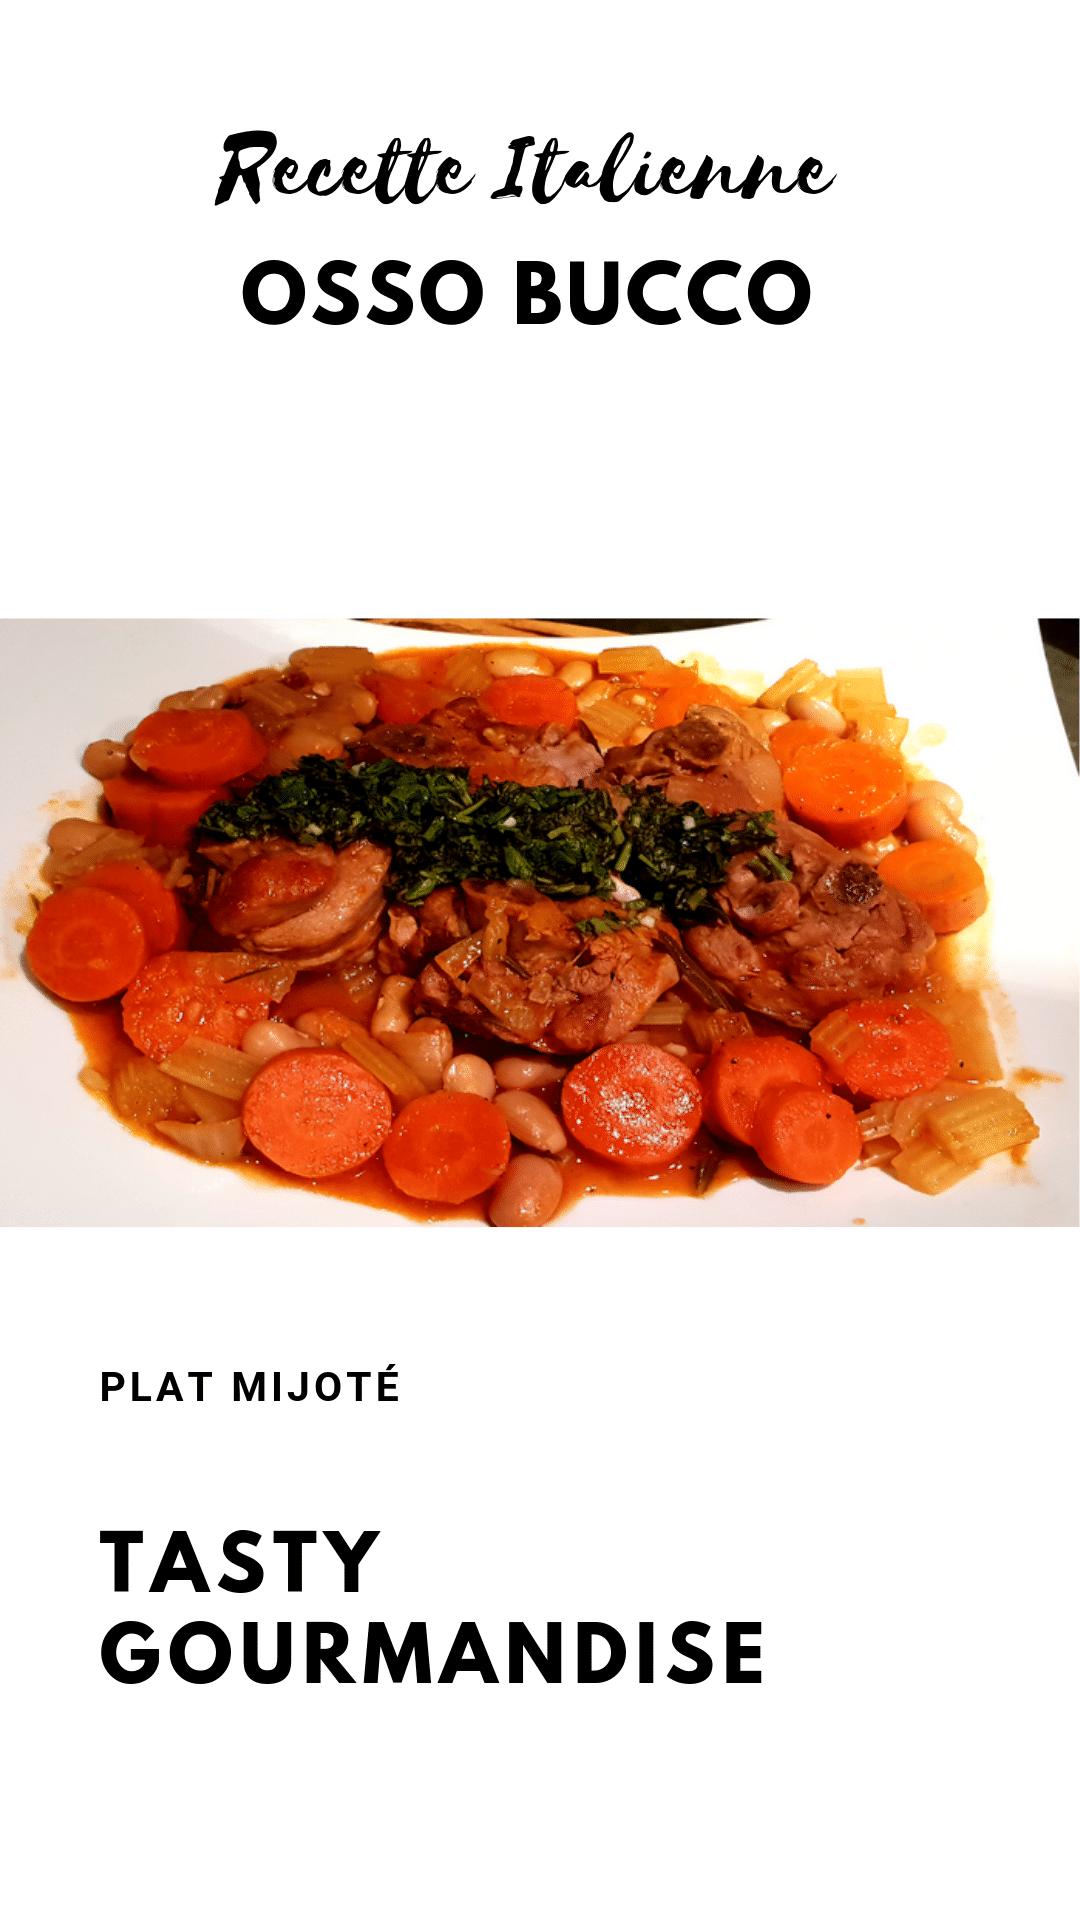 Voici une nouvelle recette d'Osso buco italienne, traditionnellement connu comme un plat mijoté de jarrets de veau et un mélange de légumes, parfumé d'un delicieuse marmelade à l'italienne !